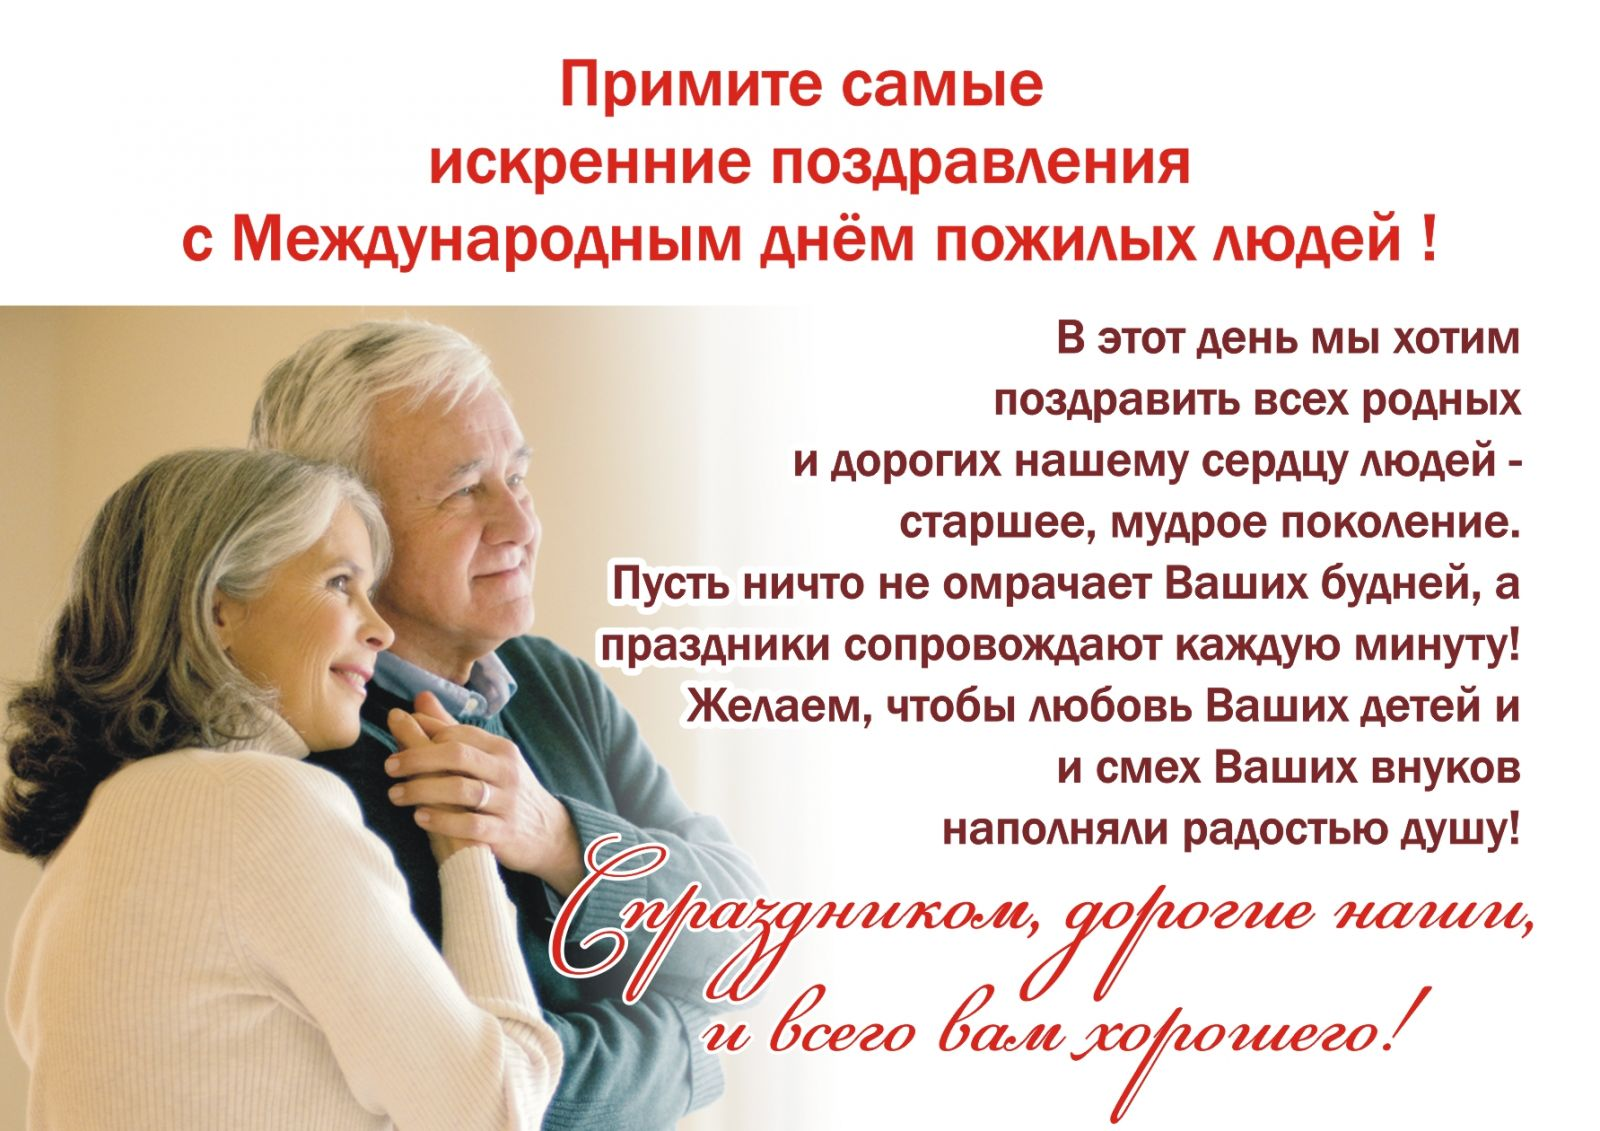 Поздравления к дню пожилых людей своими словами